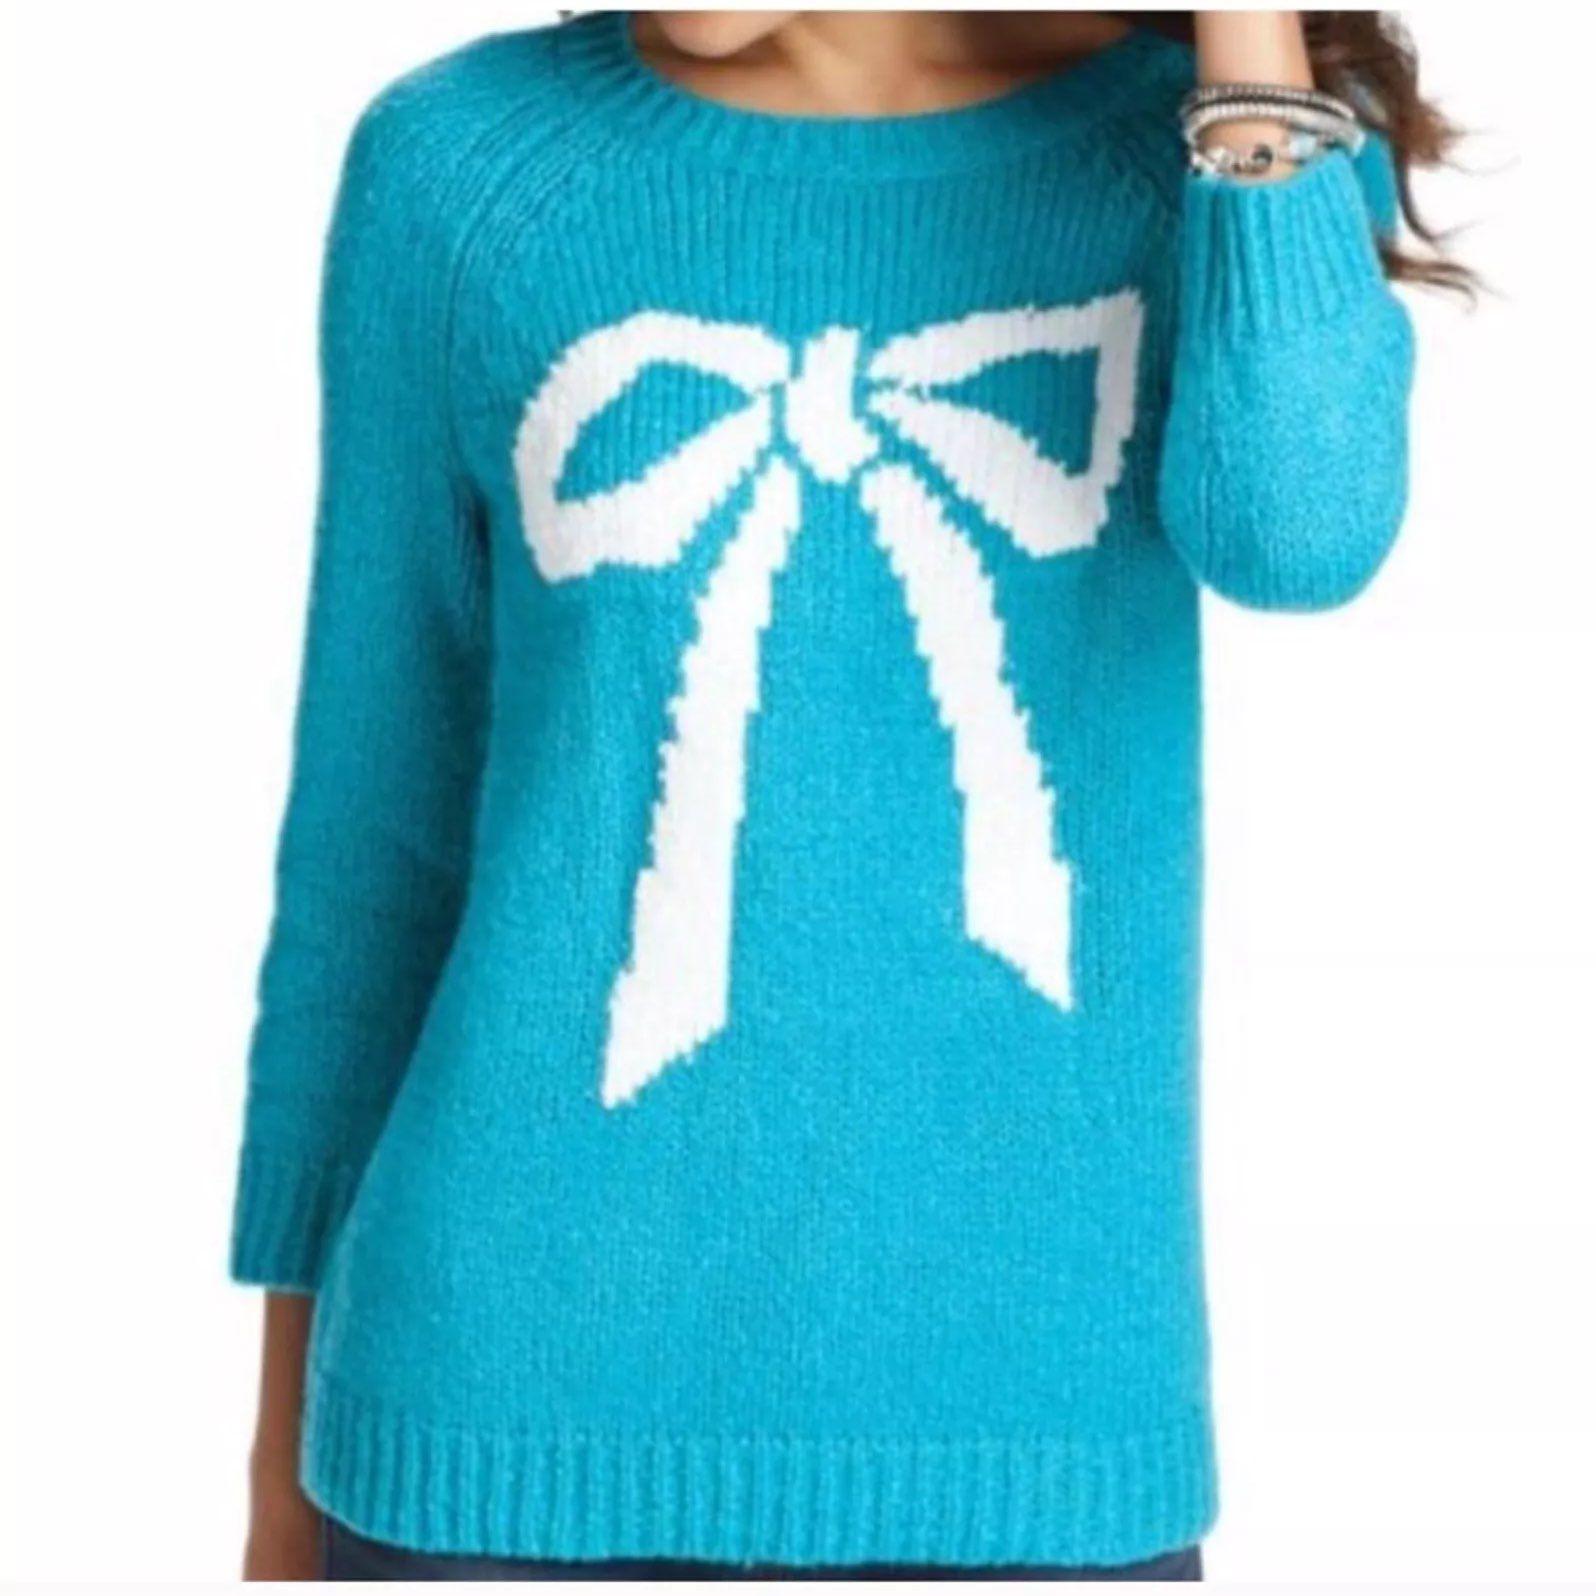 LOFT Cute Sweater! - Mercari: BUY & SELL THINGS YOU LOVE